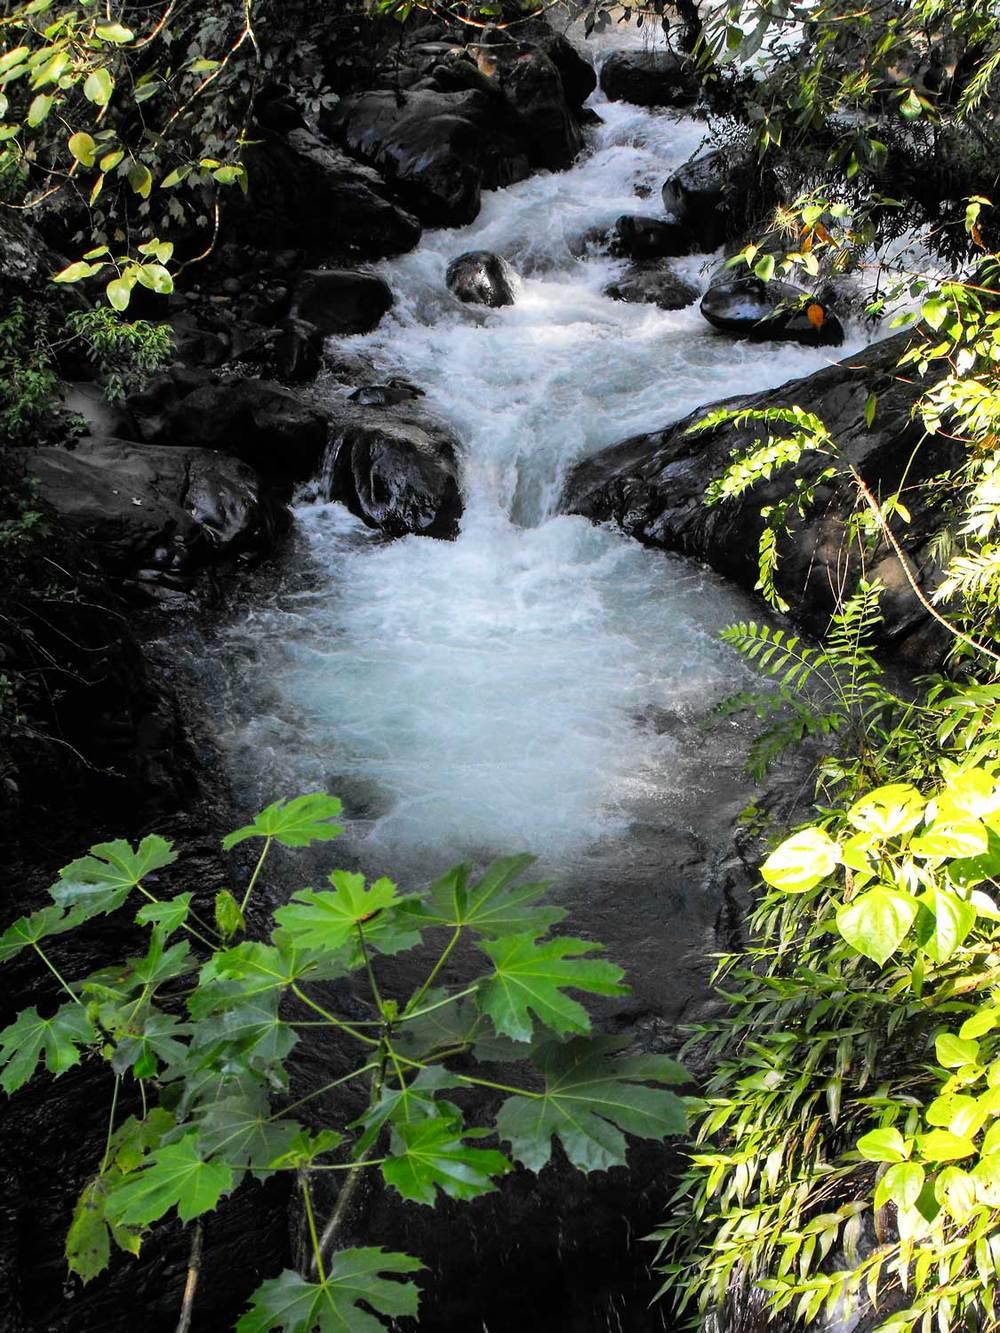 Waterfall-1-DSCF6195.jpg